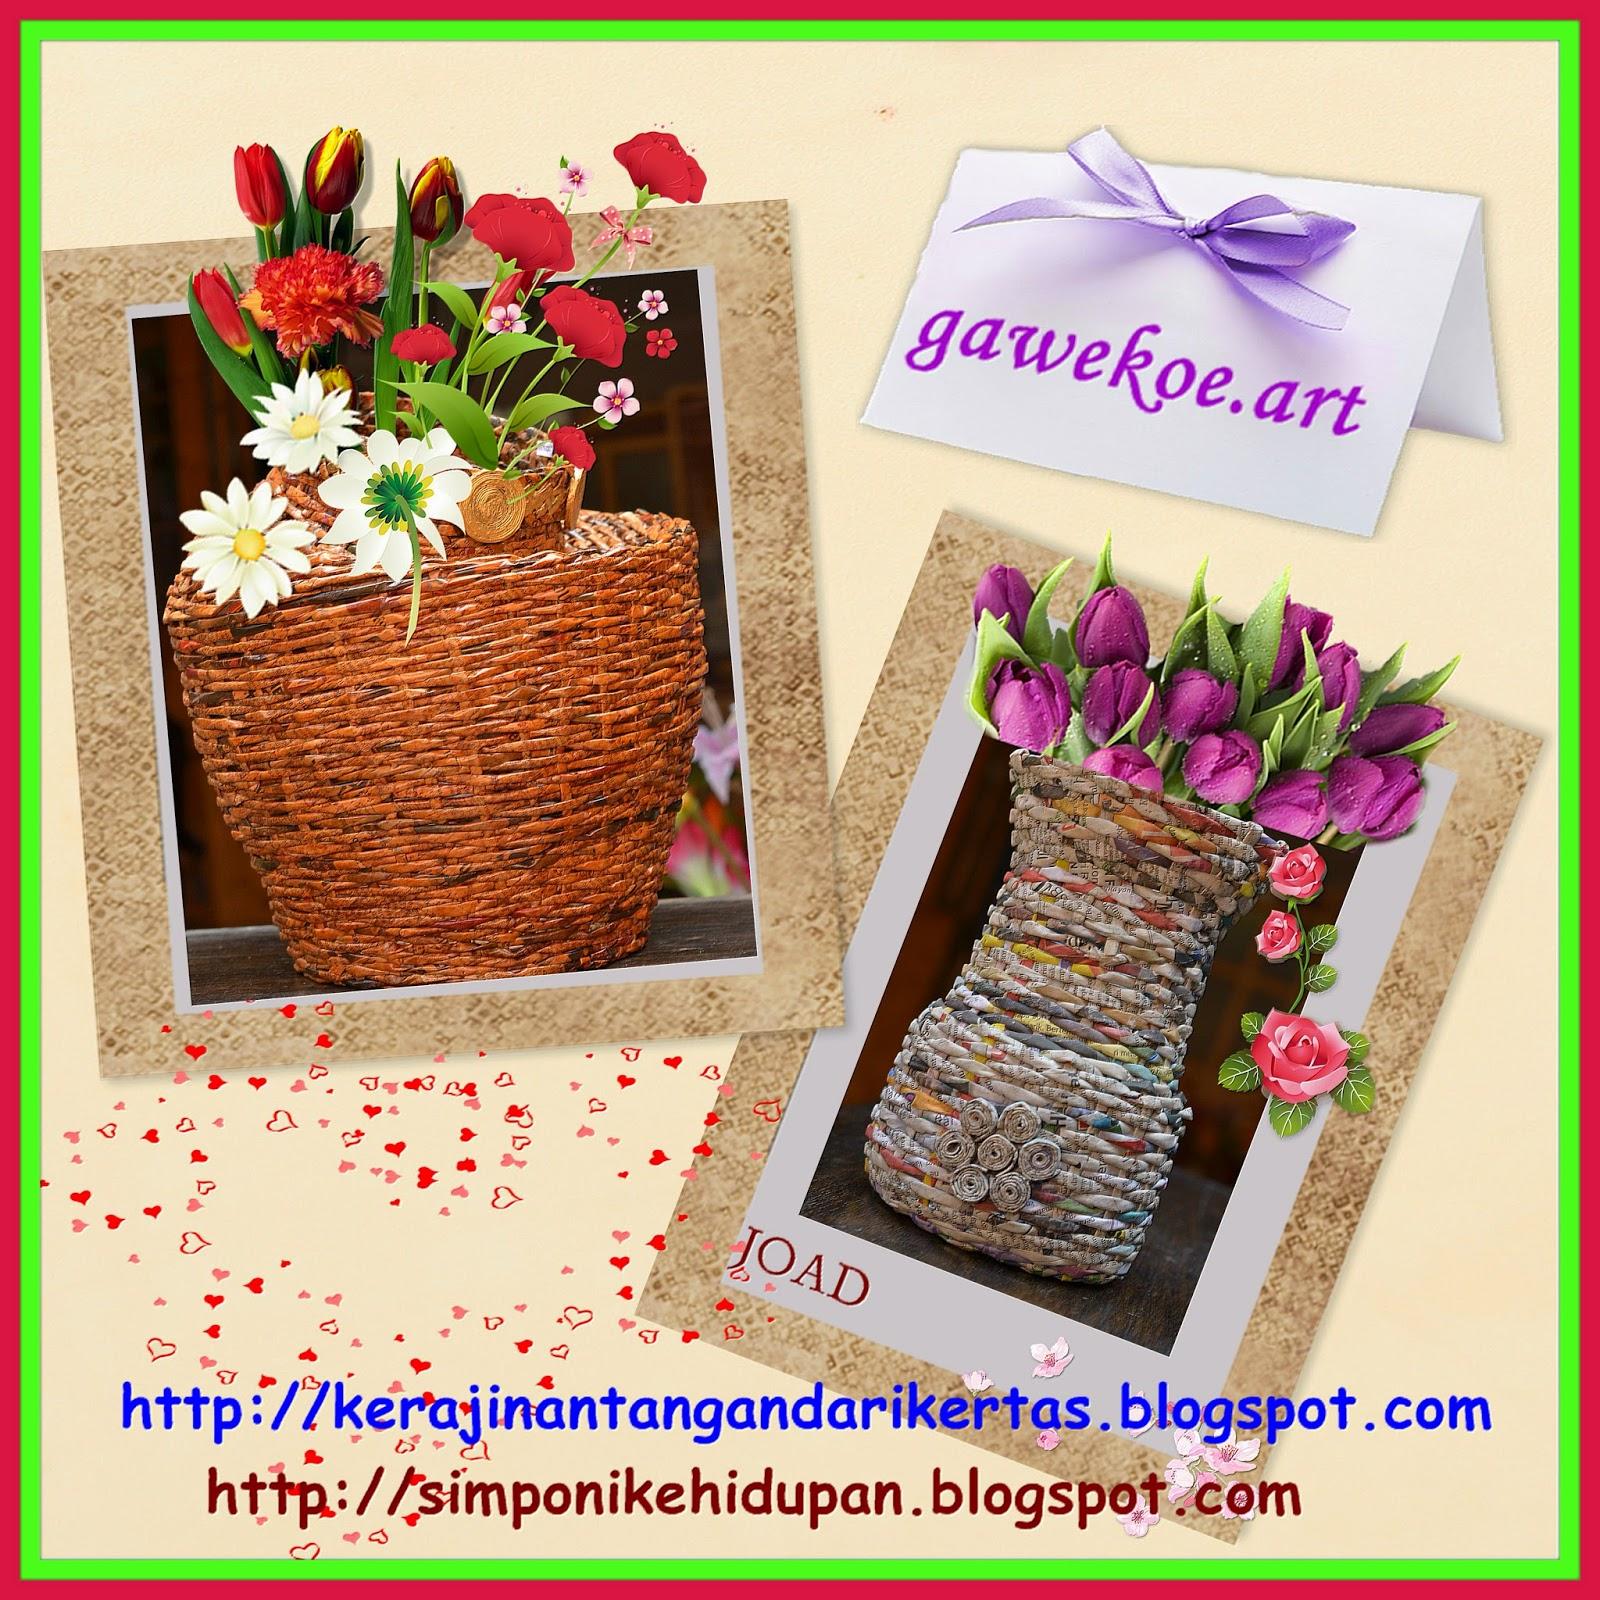 Kerajinan tangan dari daur ulang kertas koran ; vas bunga